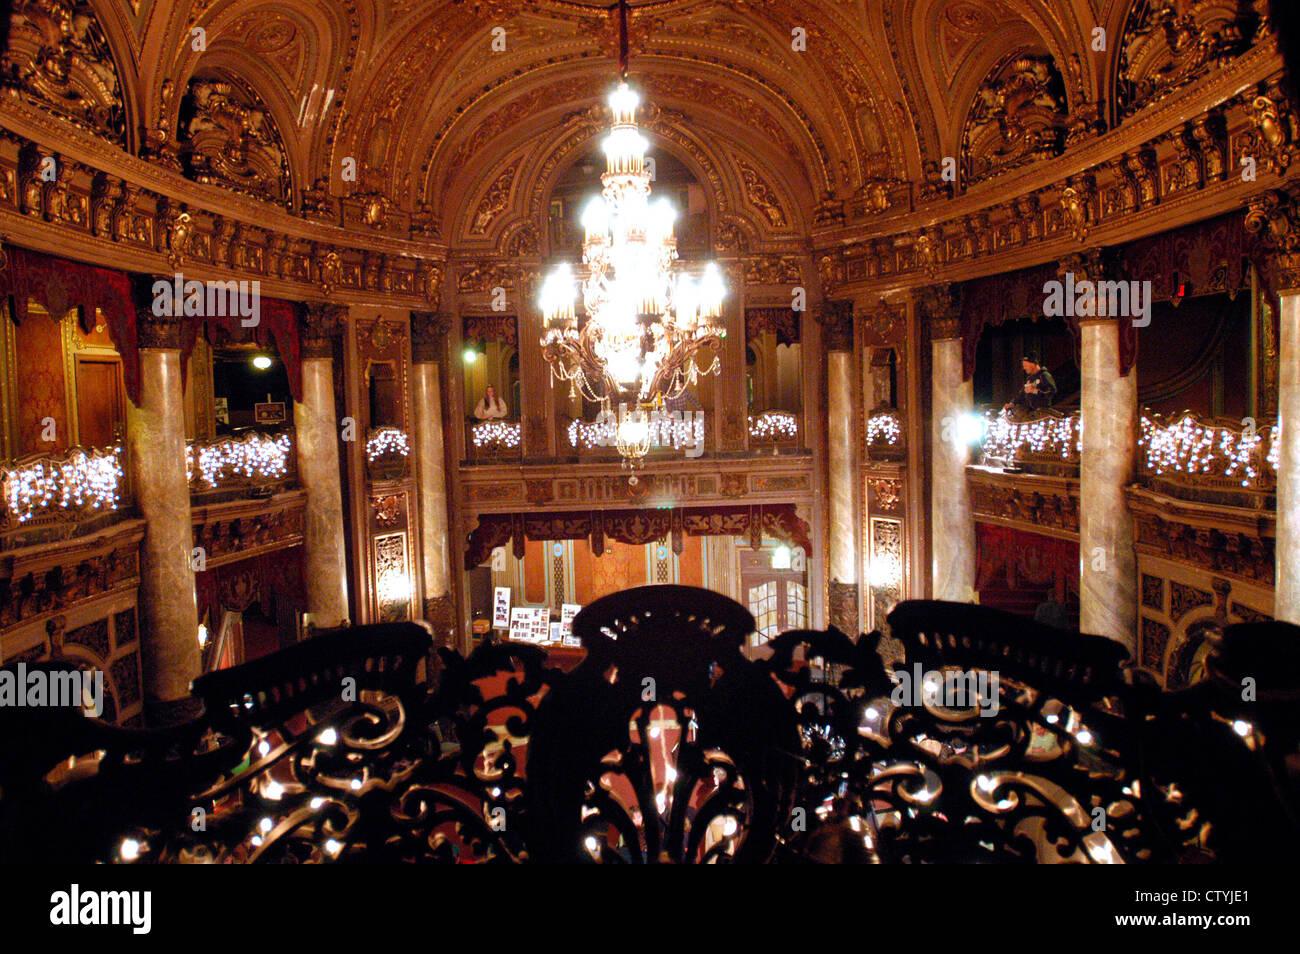 Movie Palace Interior Stock Photos & Movie Palace Interior Stock ...